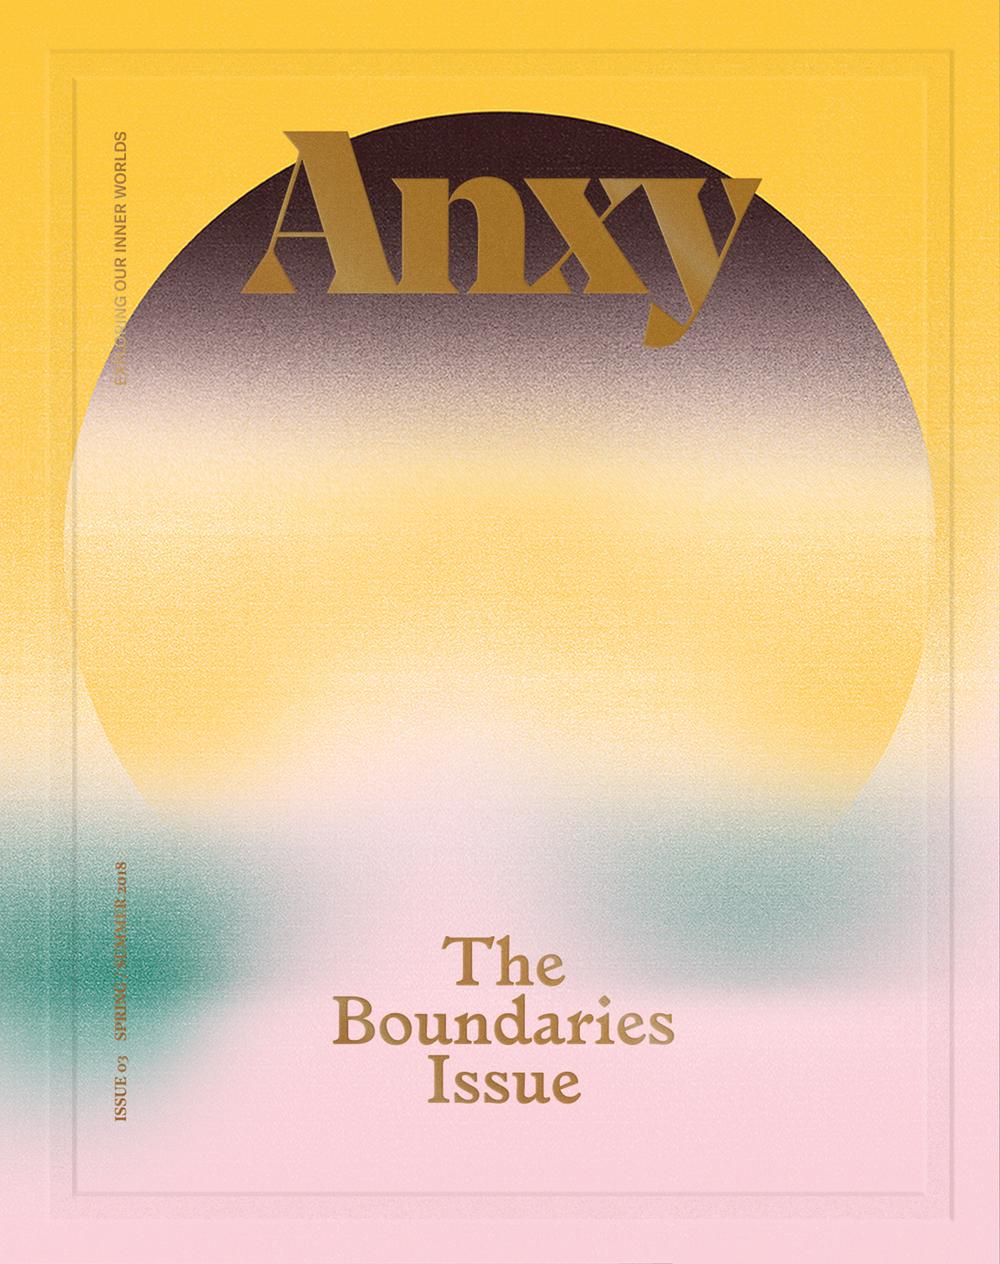 Anxy Magazine - E-42773-912.png